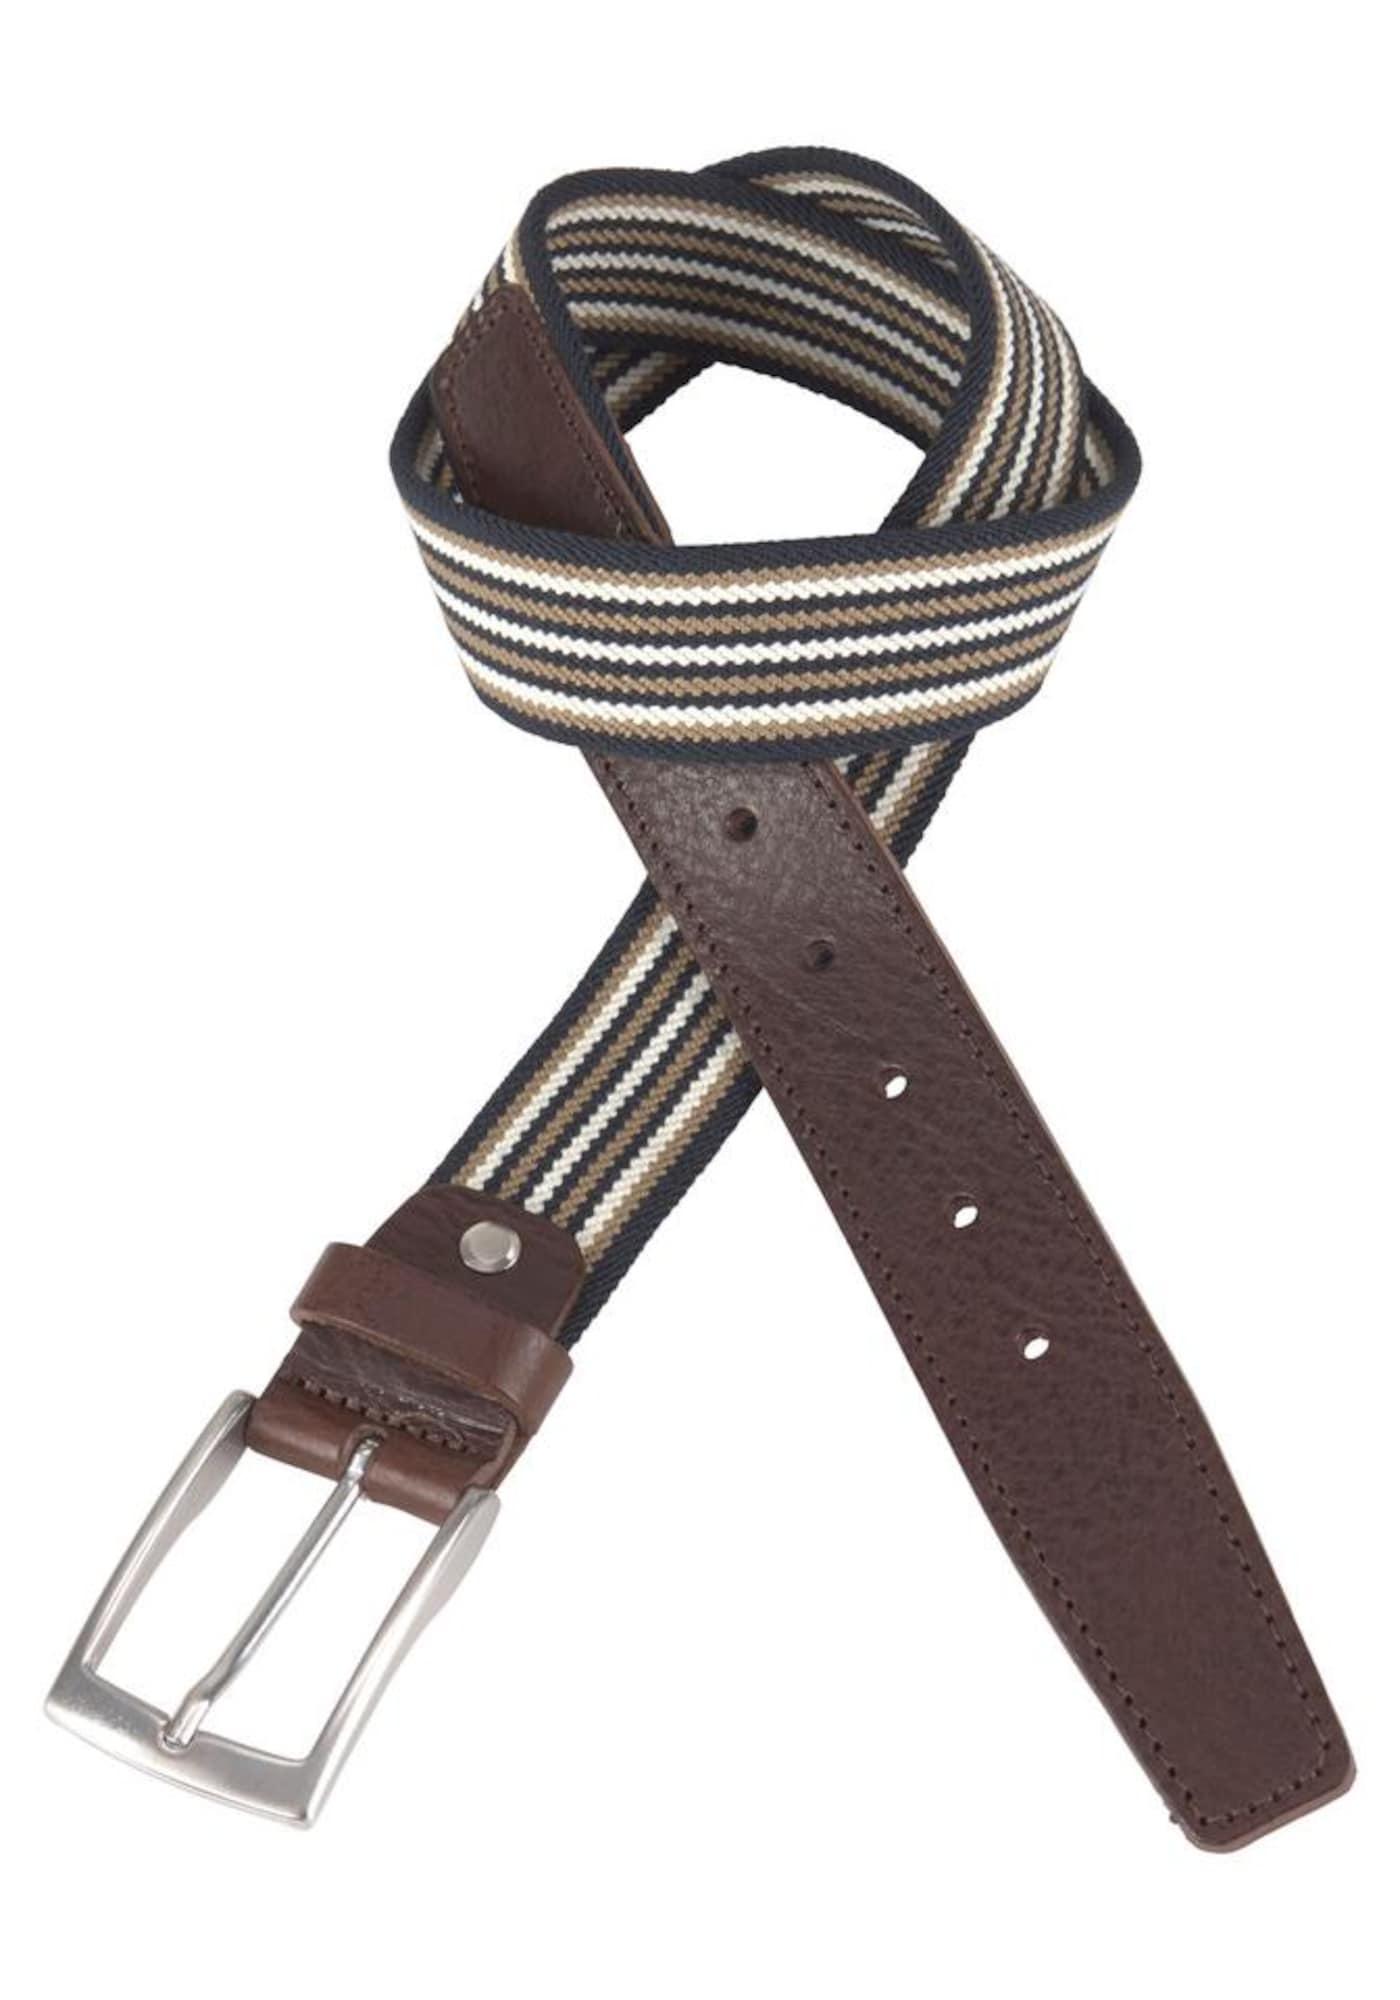 Stoffgürtel | Accessoires > Gürtel > Stoffgürtel | Beige - Braun - Weiß | Bovino BELTS